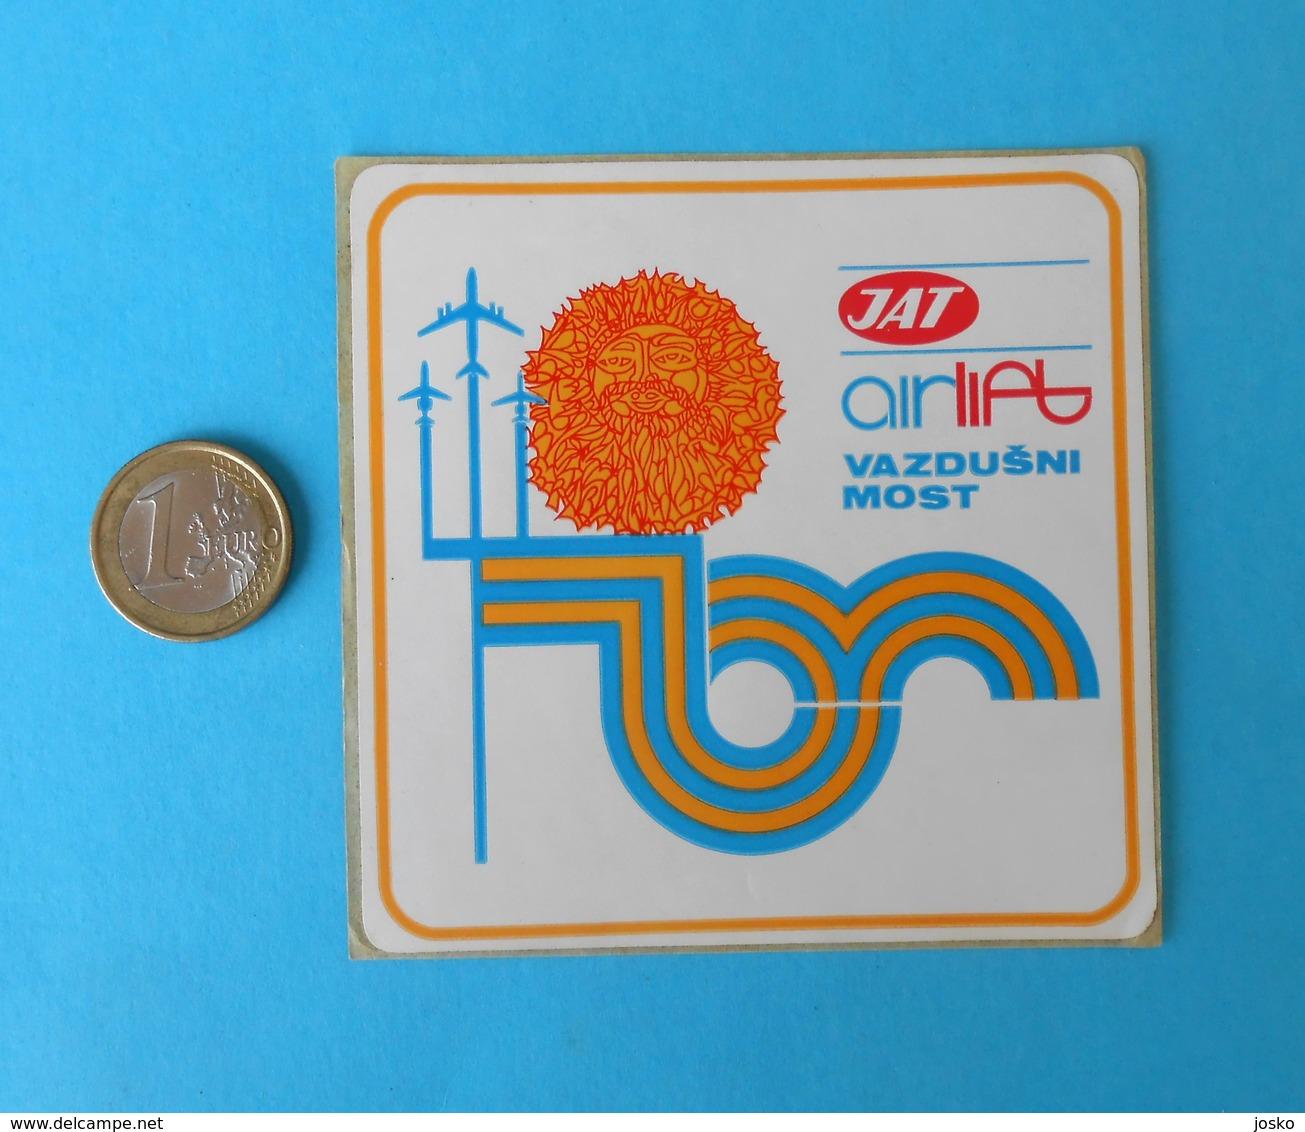 JAT - YUGOSLAV AIRLINES ... Vintage Official Sticker * National Airways * Plane * Avion * No. 2 - Stickers